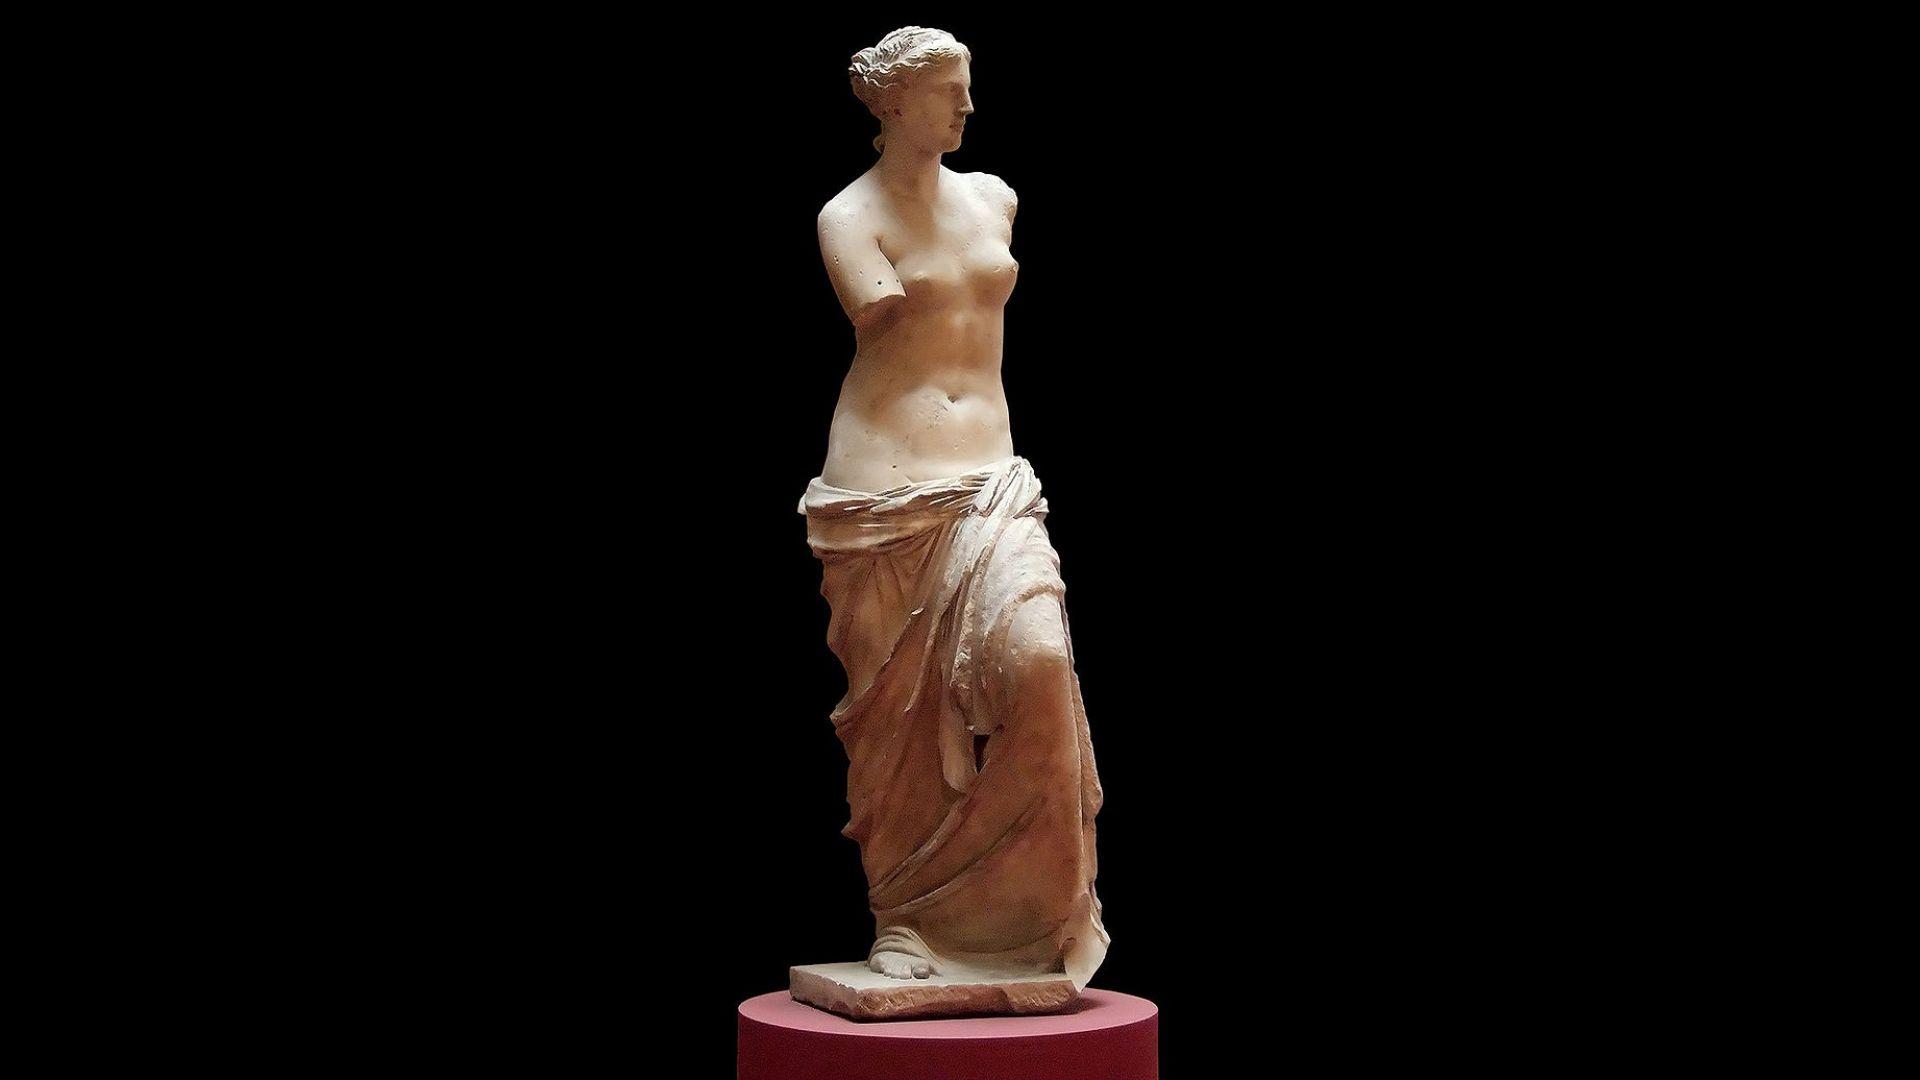 Facebook цензурира голи статуи от швейцарски музей